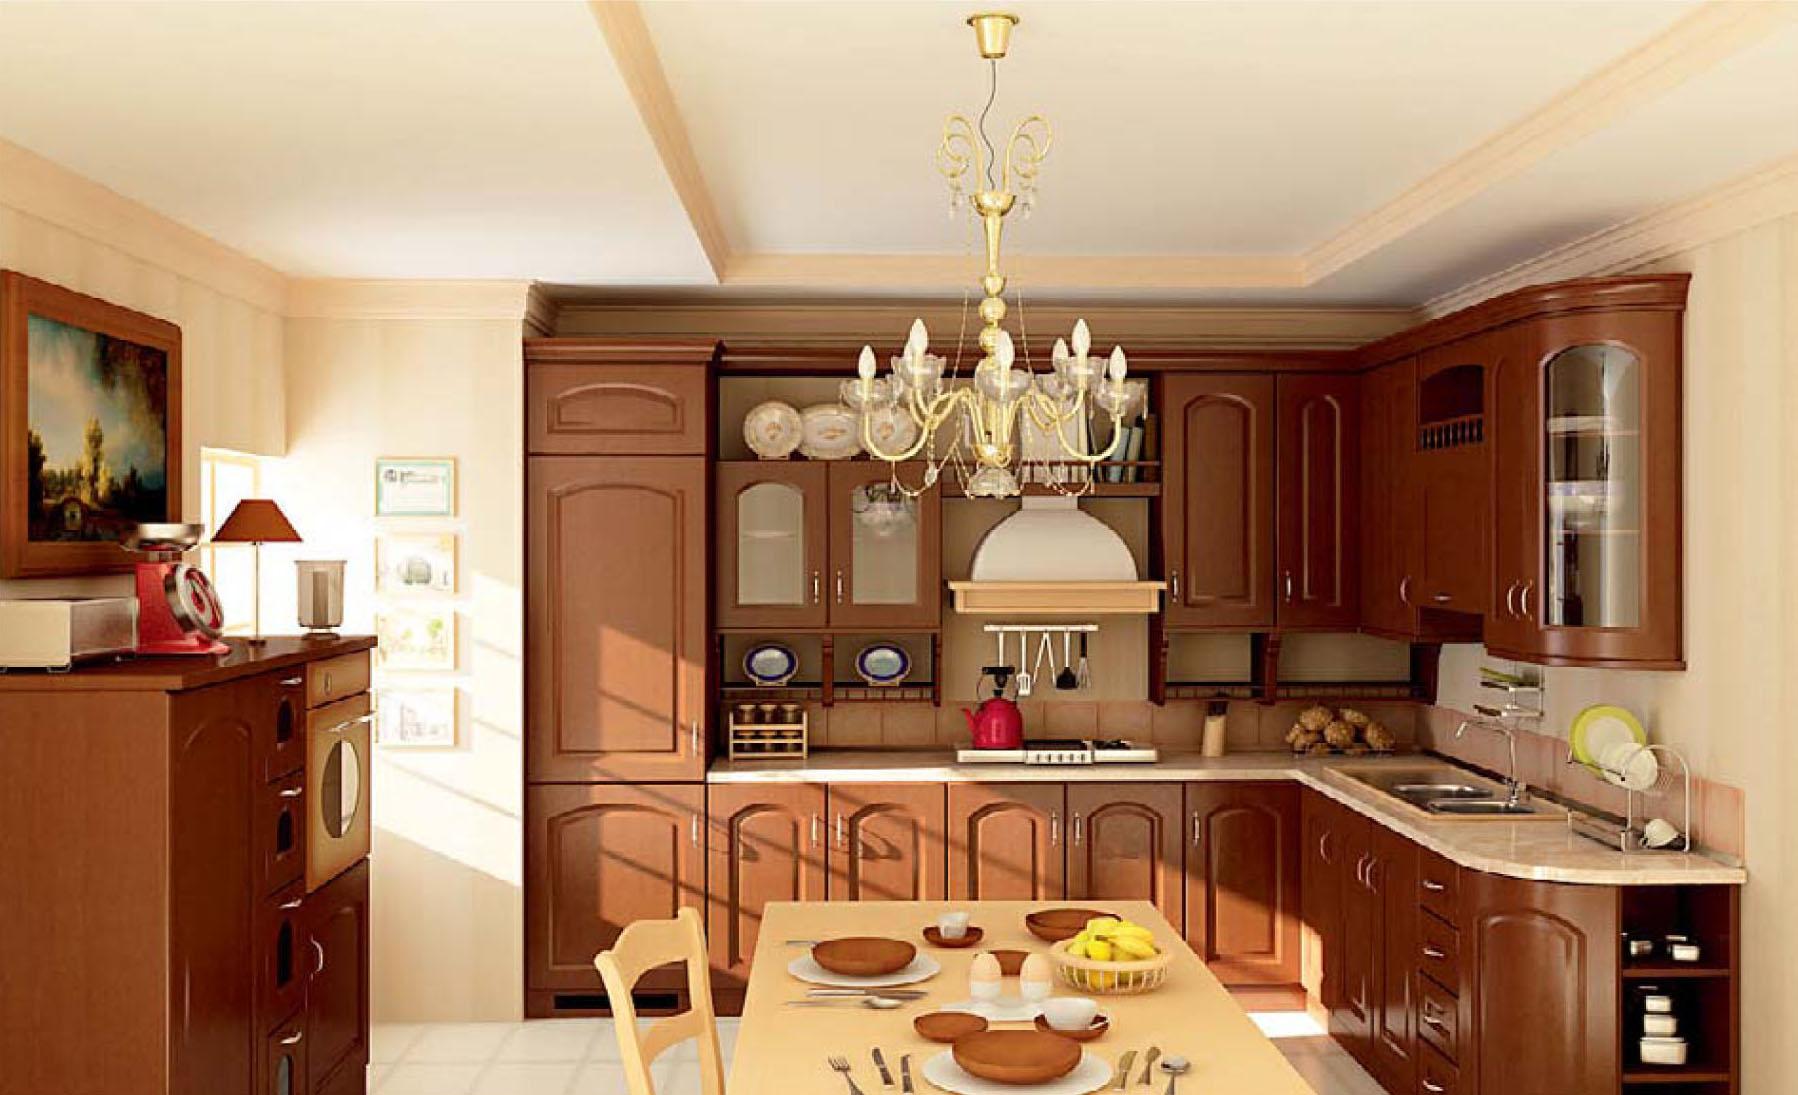 Phòng bếp cổ điển luôn làm hài lòng mọi chủ nhân chung cư